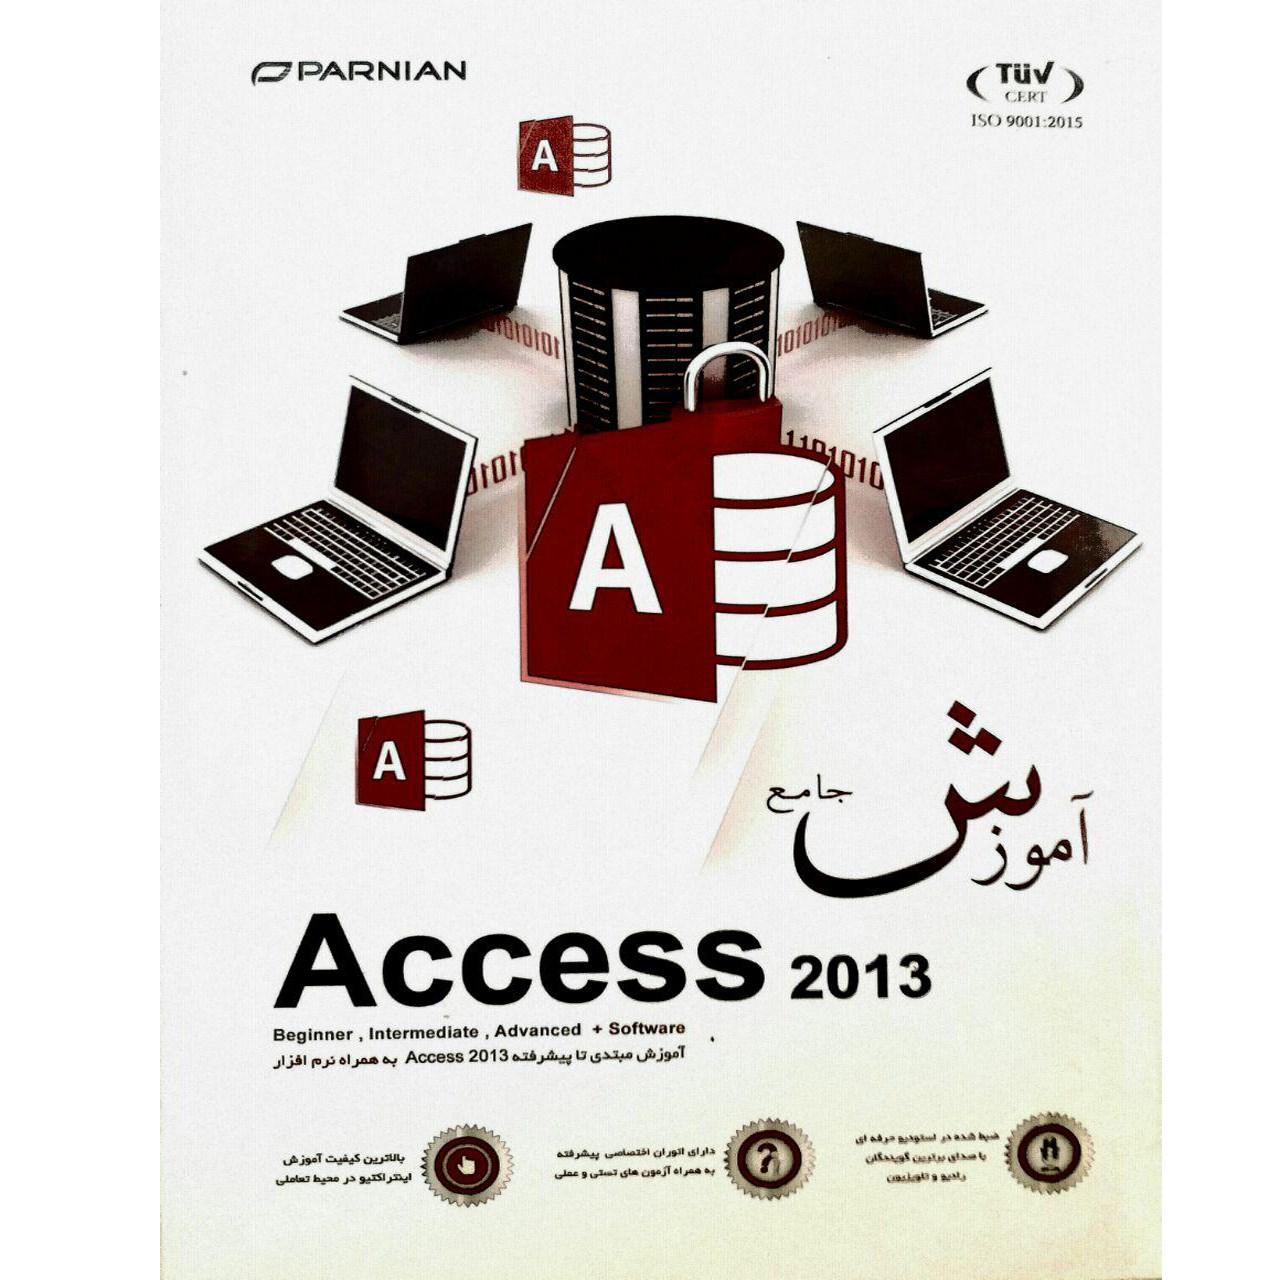 نرم افزار آموزش Access 2013 نشر پرنیان